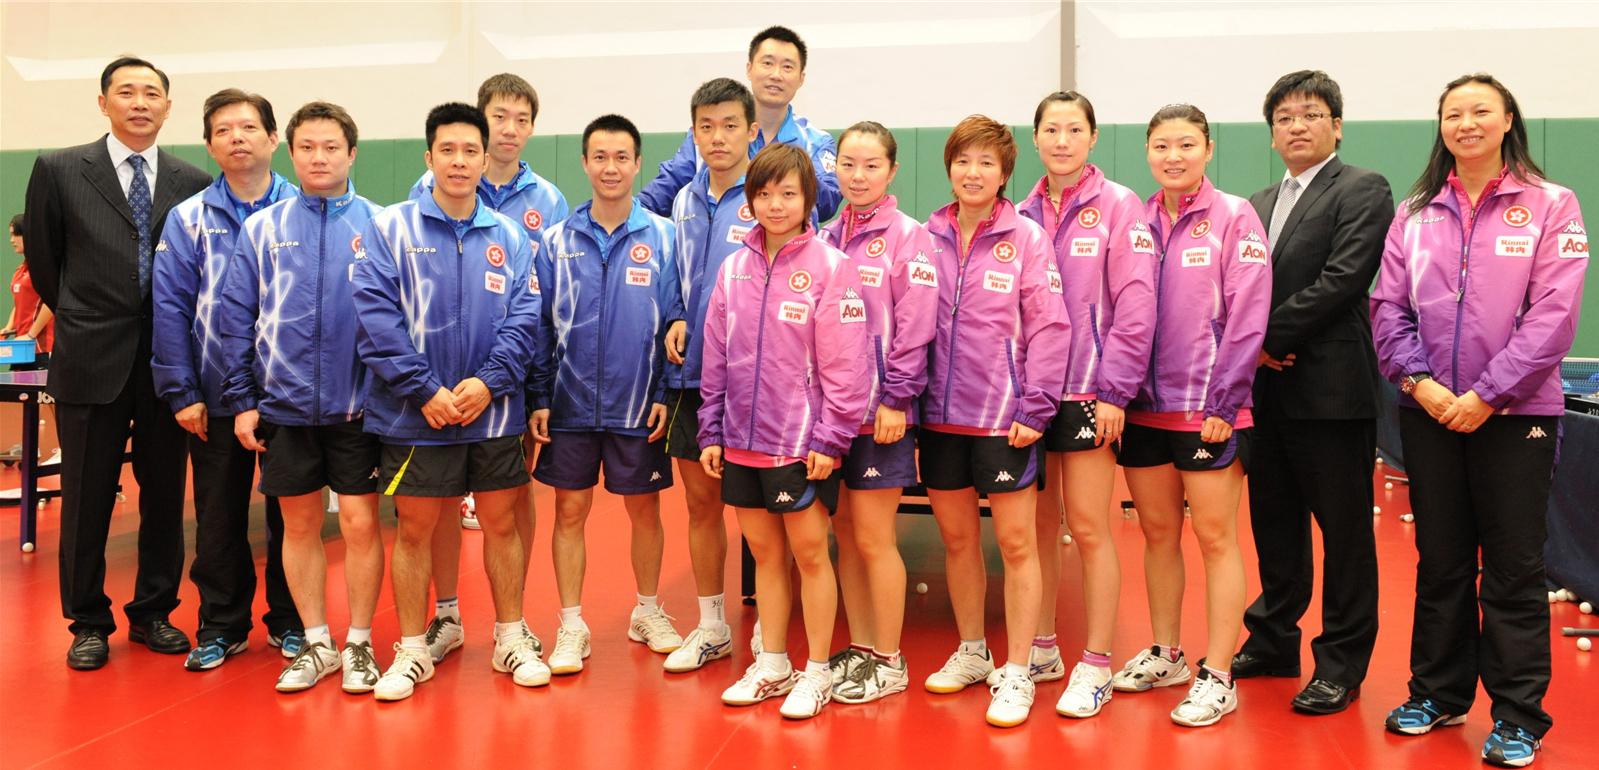 广州林内与香港乒乓球队的友好交流